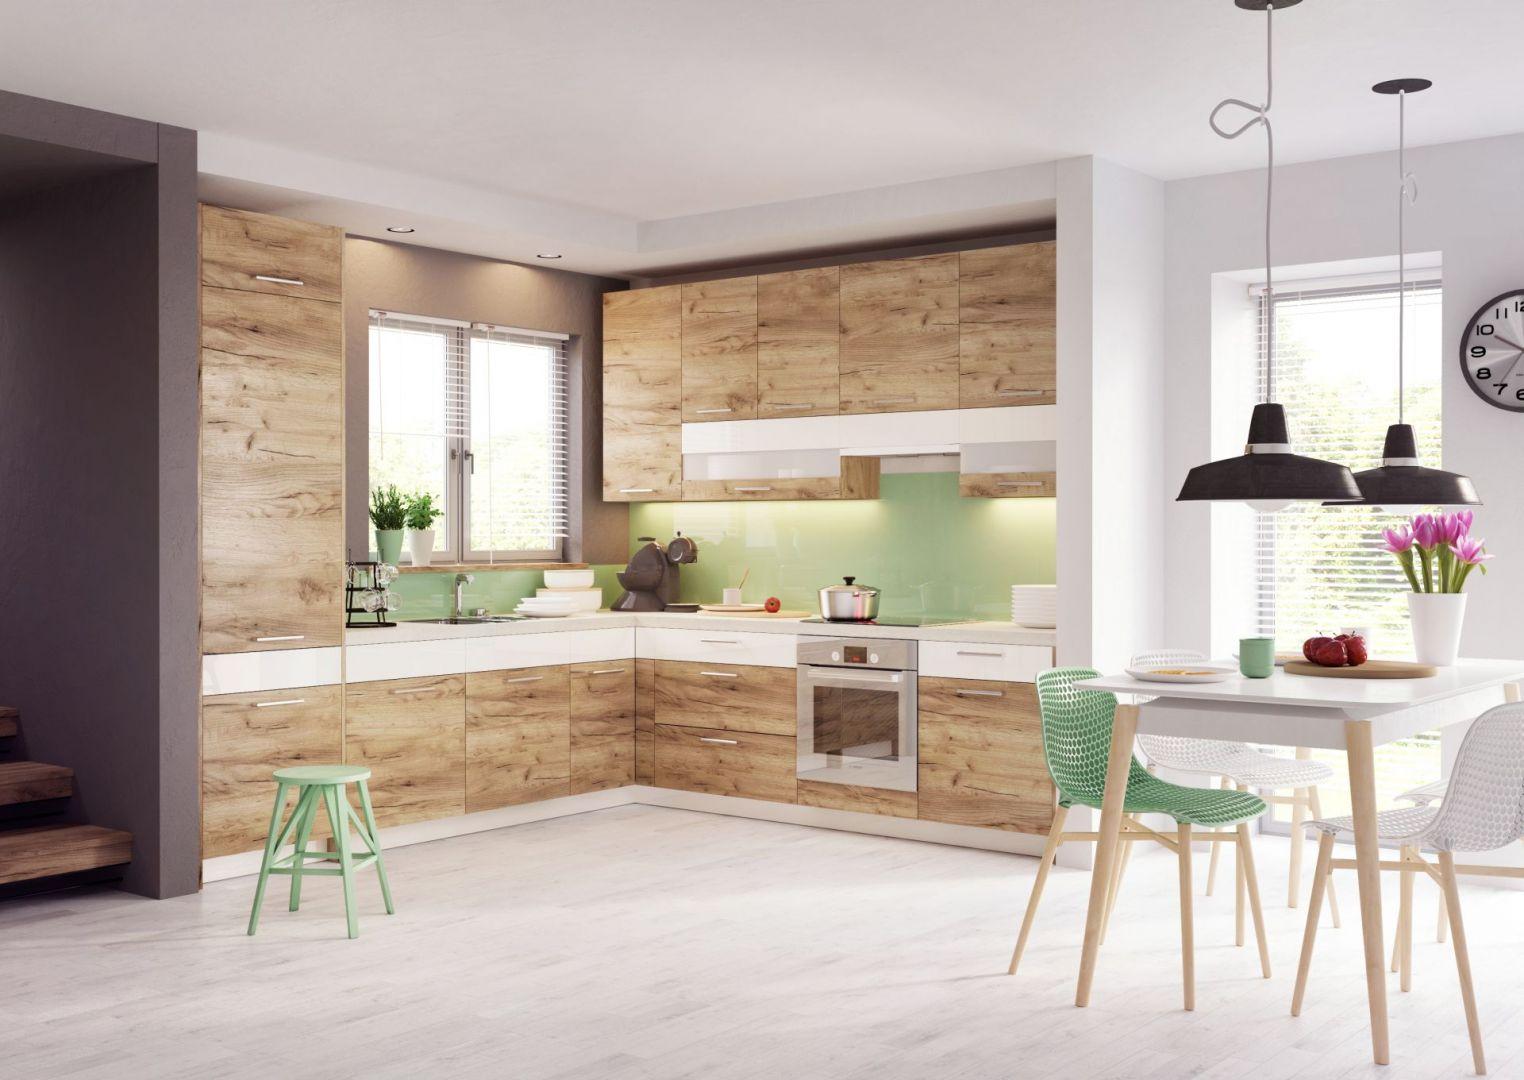 Dąb złocisty w towarzystwie wanilii to sprawdzony sposób na przytulną i ciepłą w odbiorze kuchnię. Delikatny akcent kolorystyczny nie zaburza naturalnego piękna dekoru, ajedynie rozświetla wnętrze. To również sposób na przełamanie wrażenia masywnego monolitu wprzypadku zabudowy pod sufit. Fot. KAM